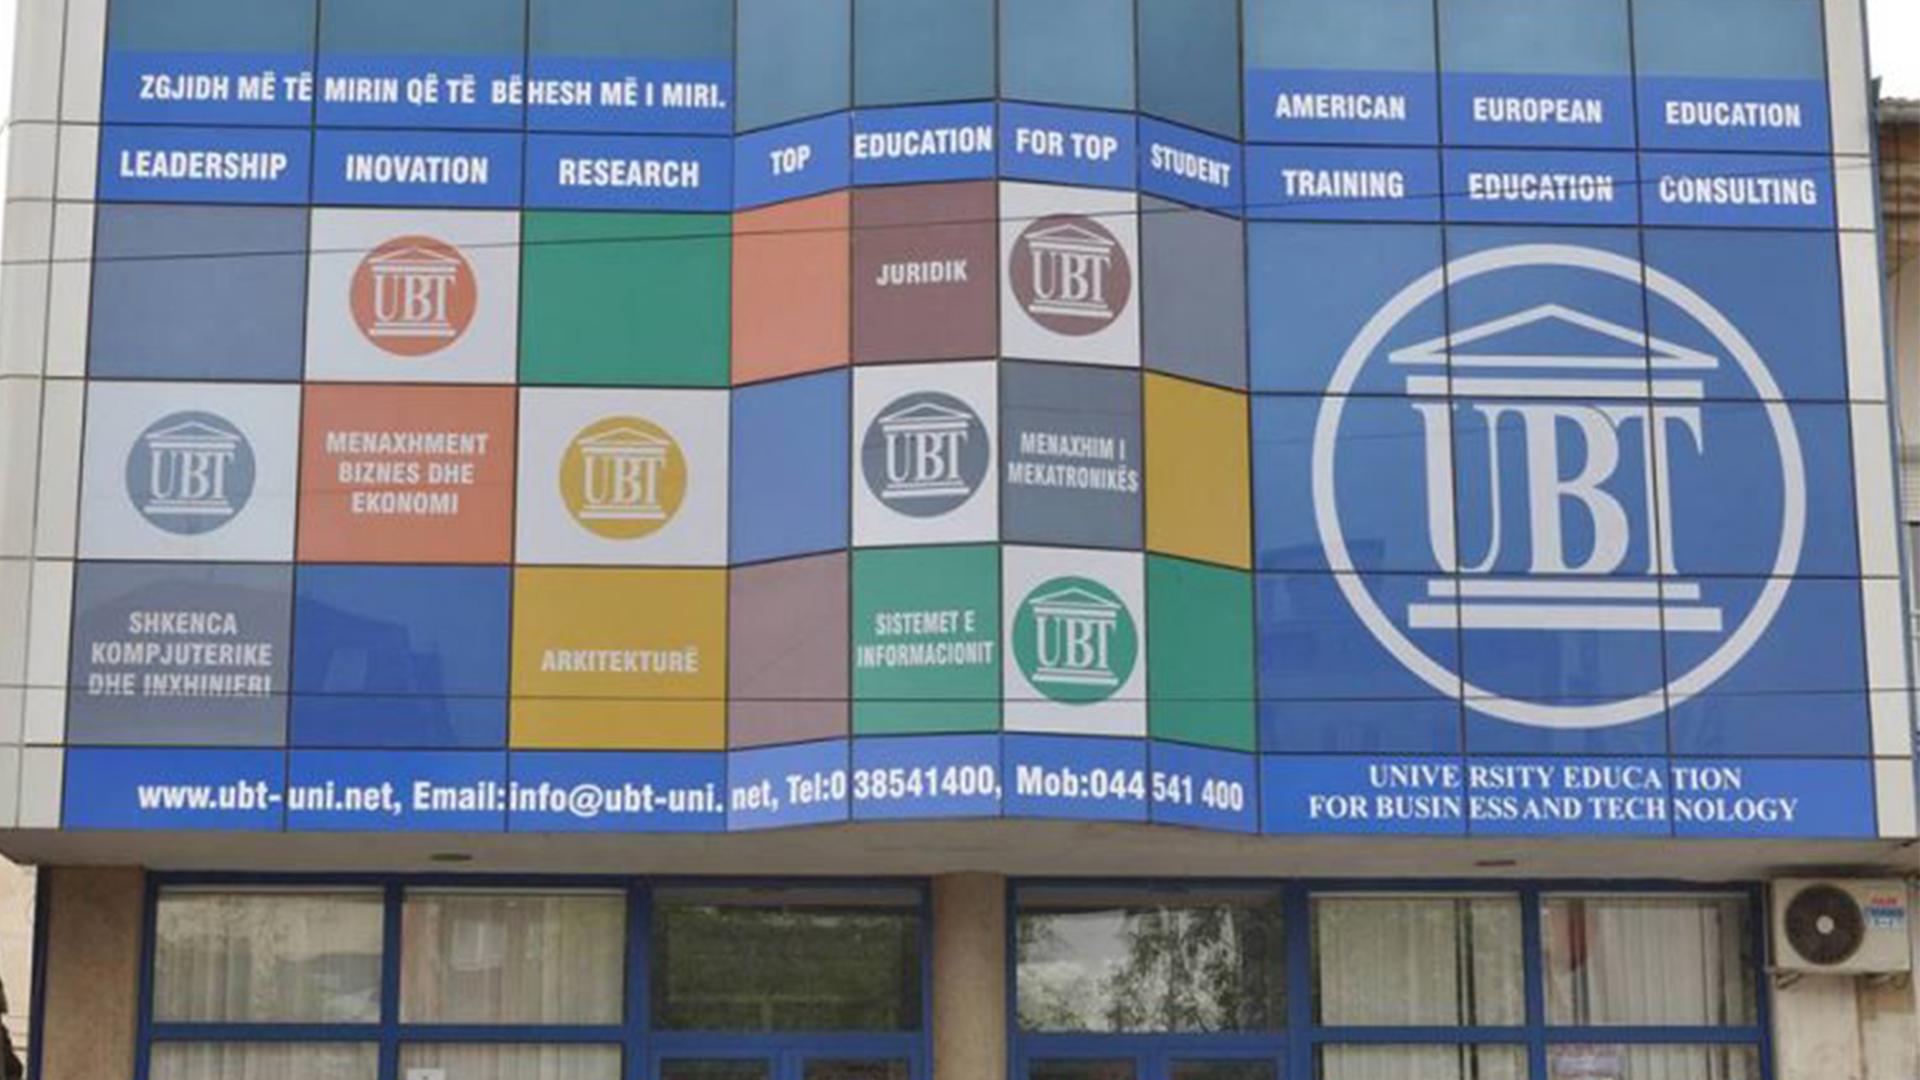 Kampusi i UBT-së në Ferizaj ka pritur qindra të rinj të interesuar